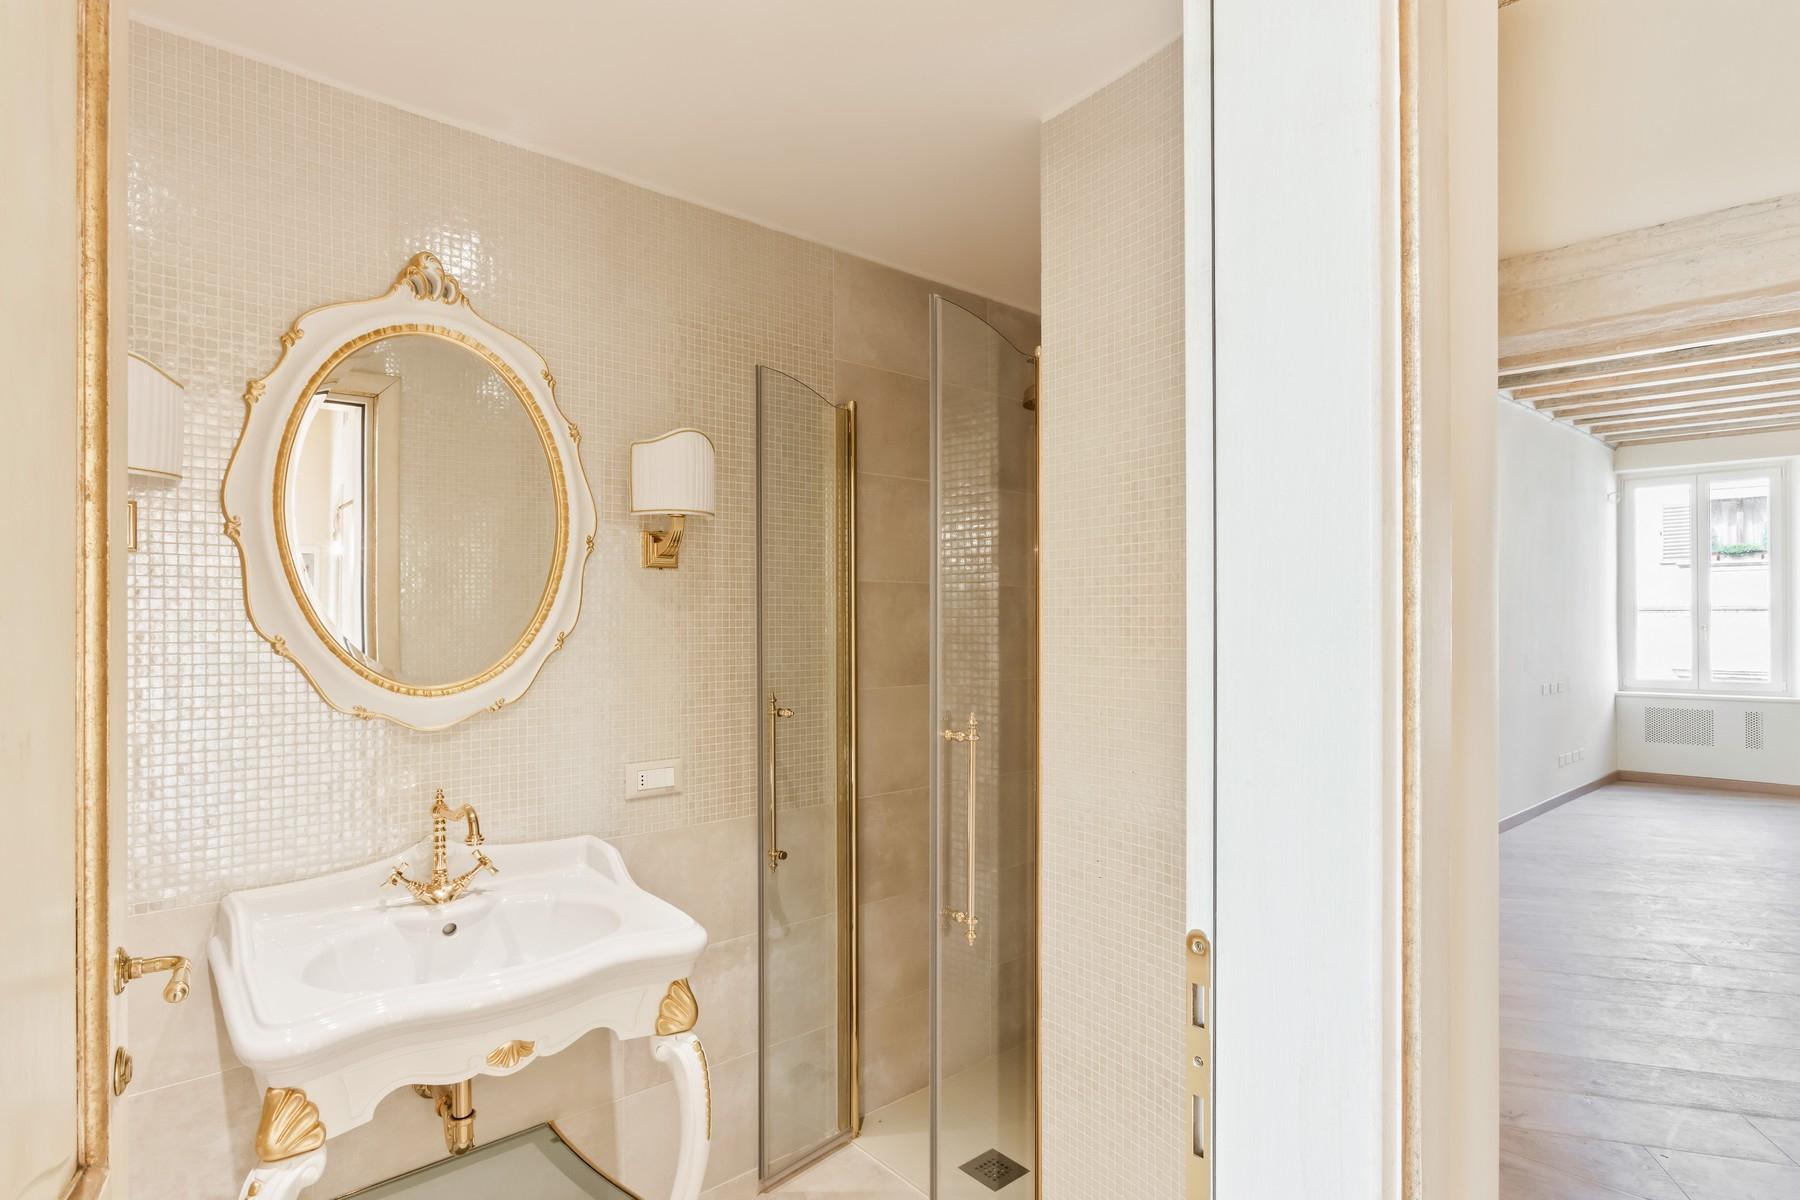 Appartamento in Vendita a Verona: 5 locali, 150 mq - Foto 8